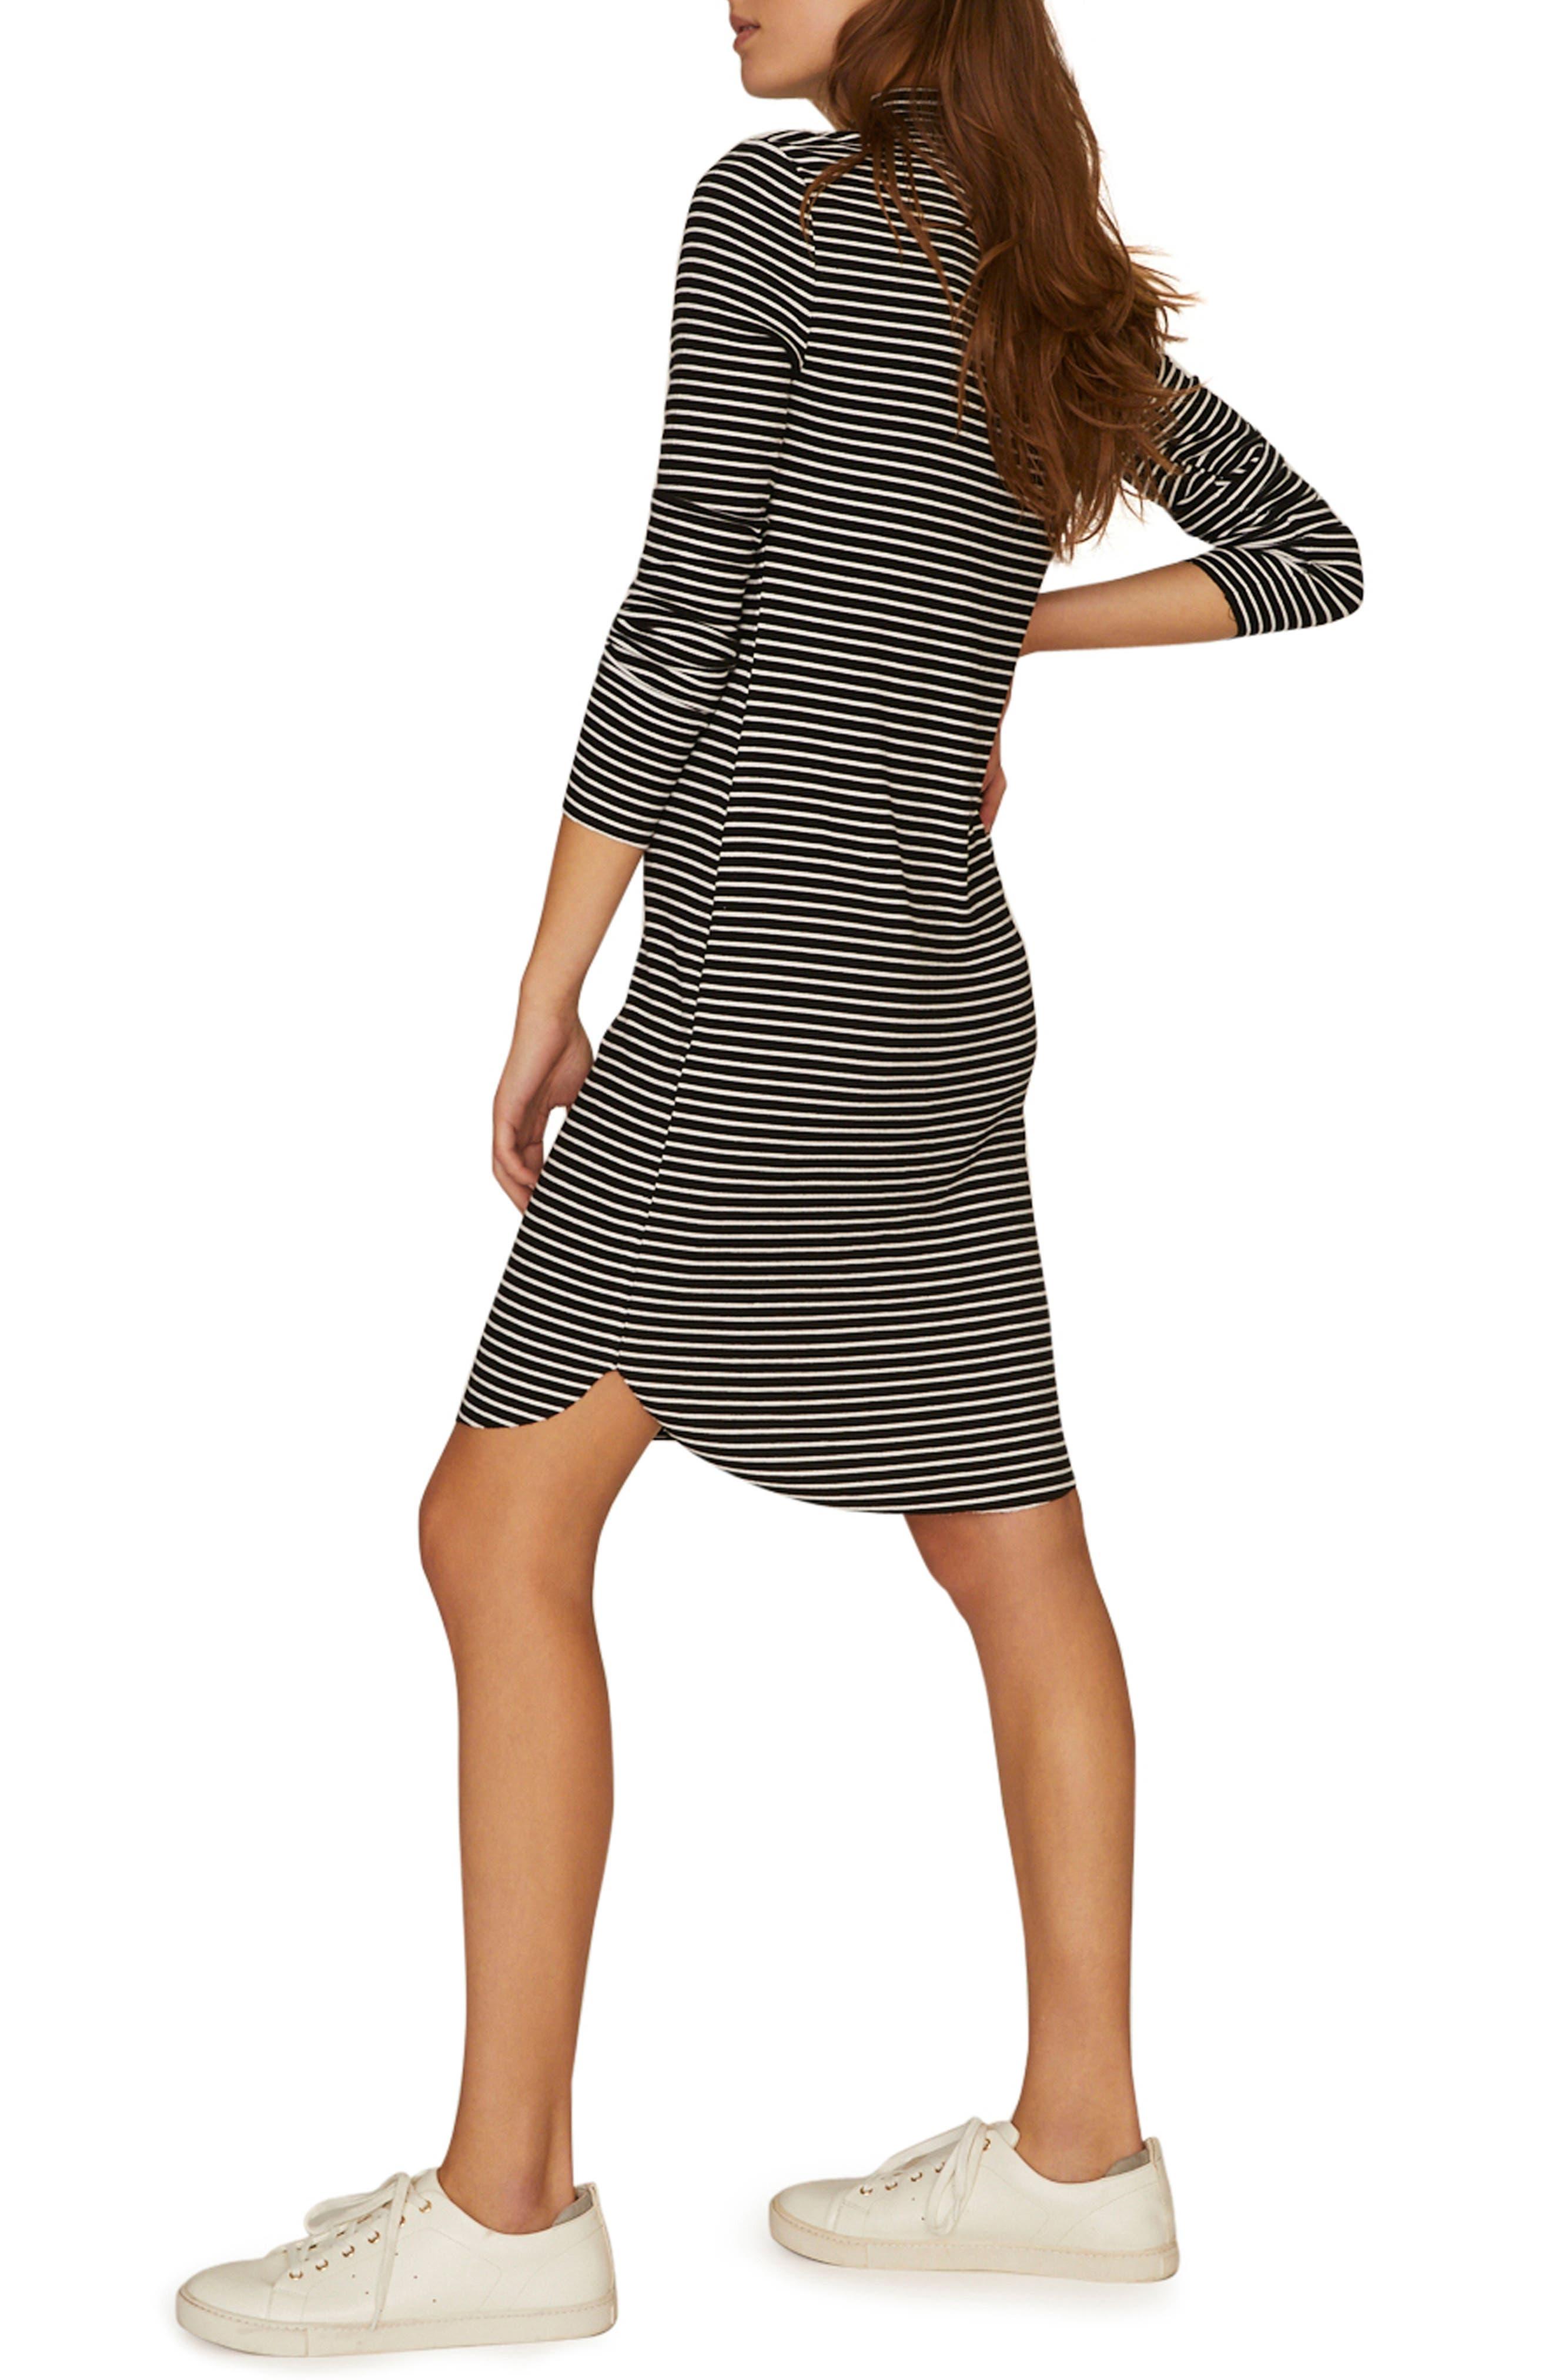 SANCTUARY, Essentials Stripe Mock Neck Dress, Alternate thumbnail 4, color, CLASSIC STRIPE BLACK